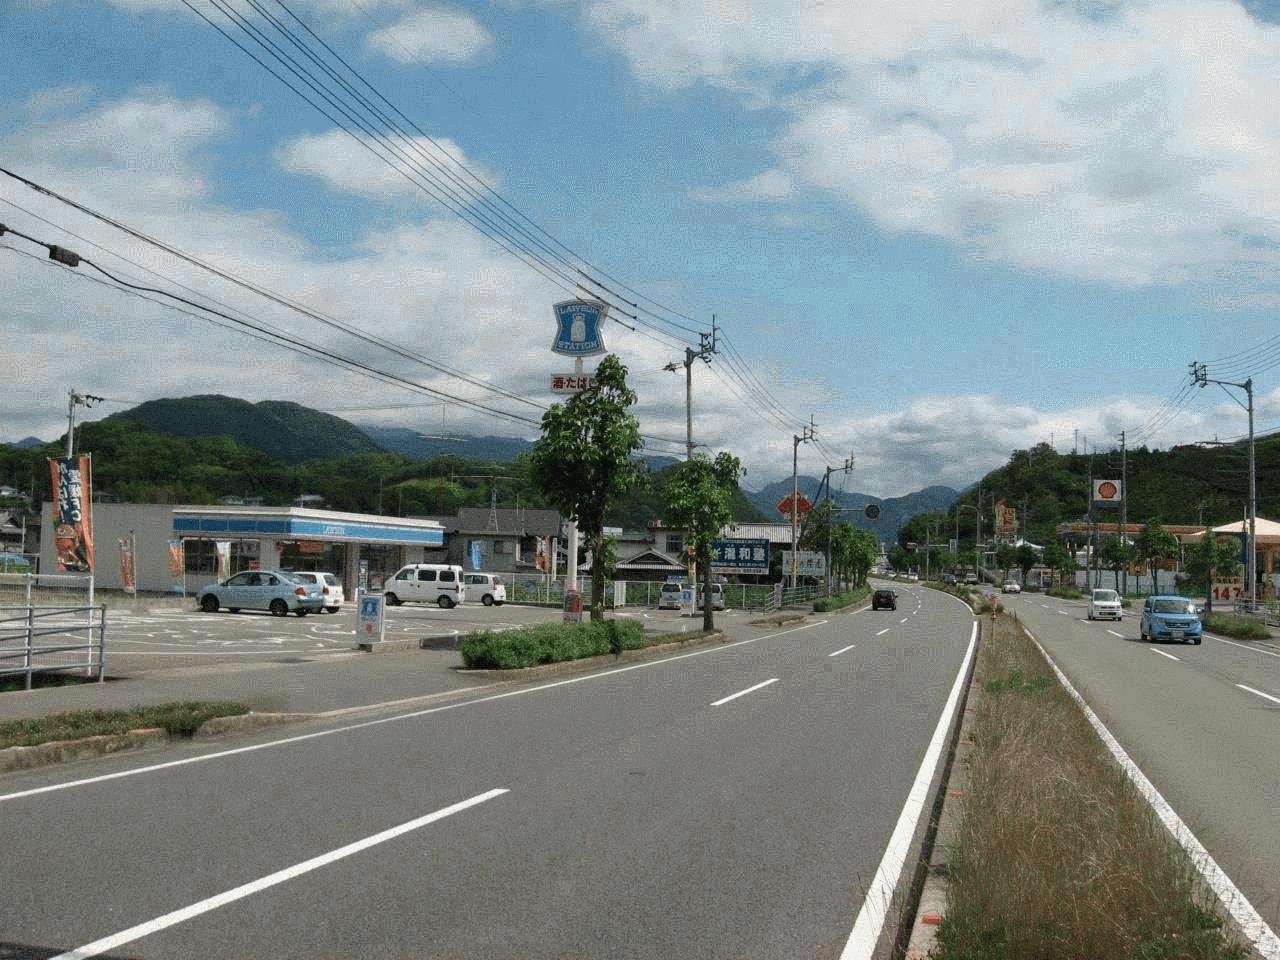 7枚目くるま畑愛媛県伊予郡砥部町 フォトギャラリーmjnet